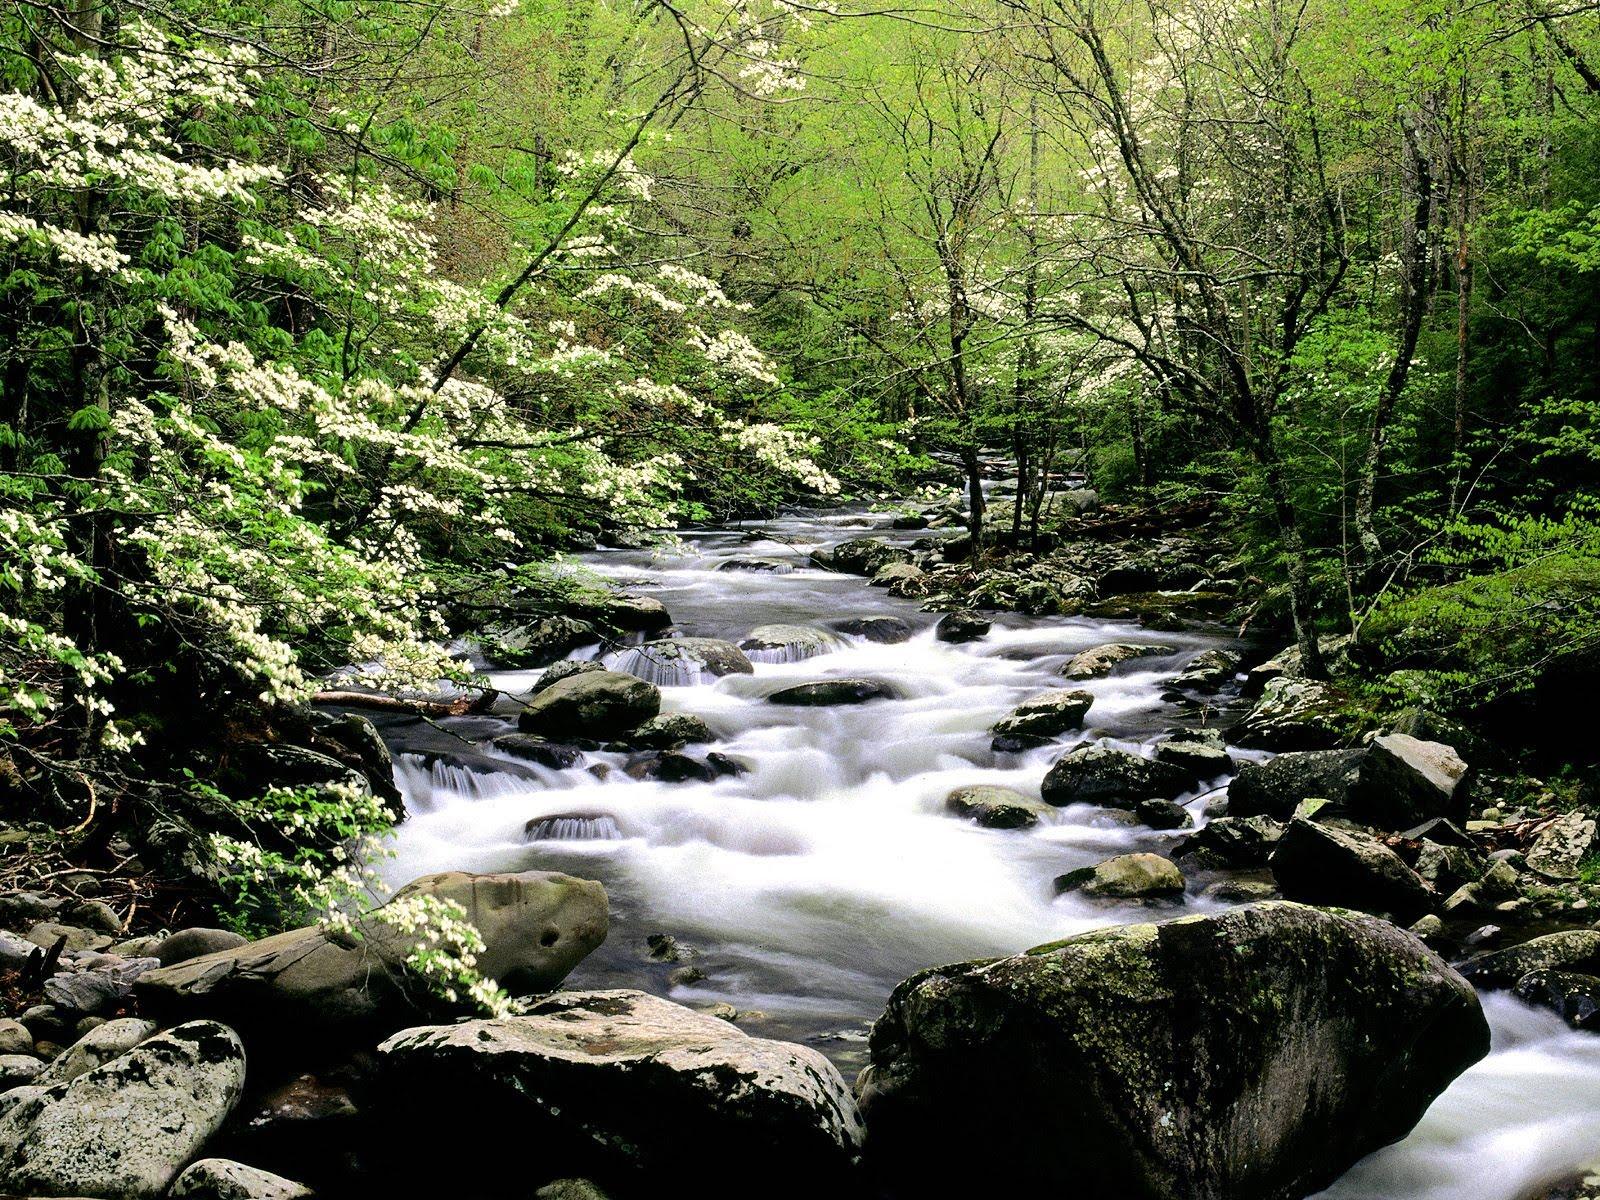 Wallpaper Nature Scenes   Rivers and Creeks n 2 Fiumi e Insenature 1600x1200